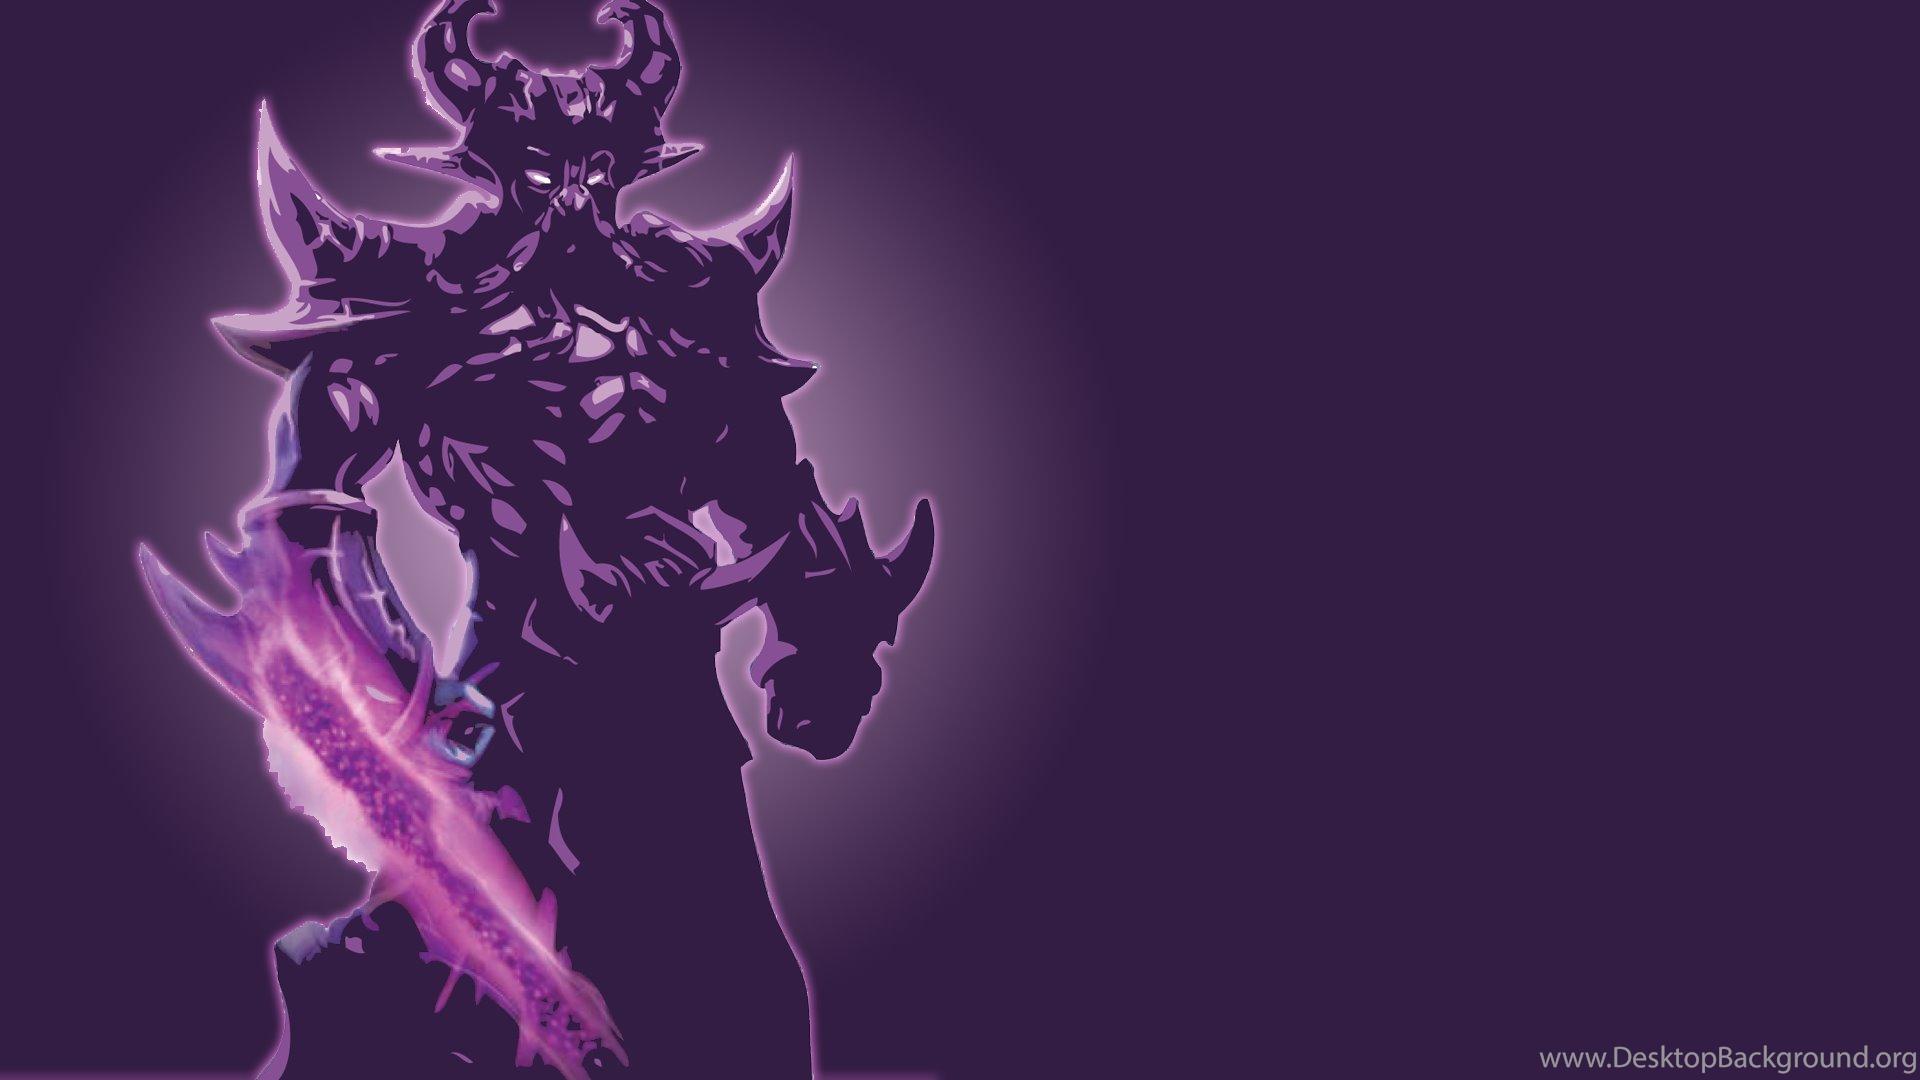 Kassadin Minimalistic Fan Art League Of Legends Wallpapers Desktop